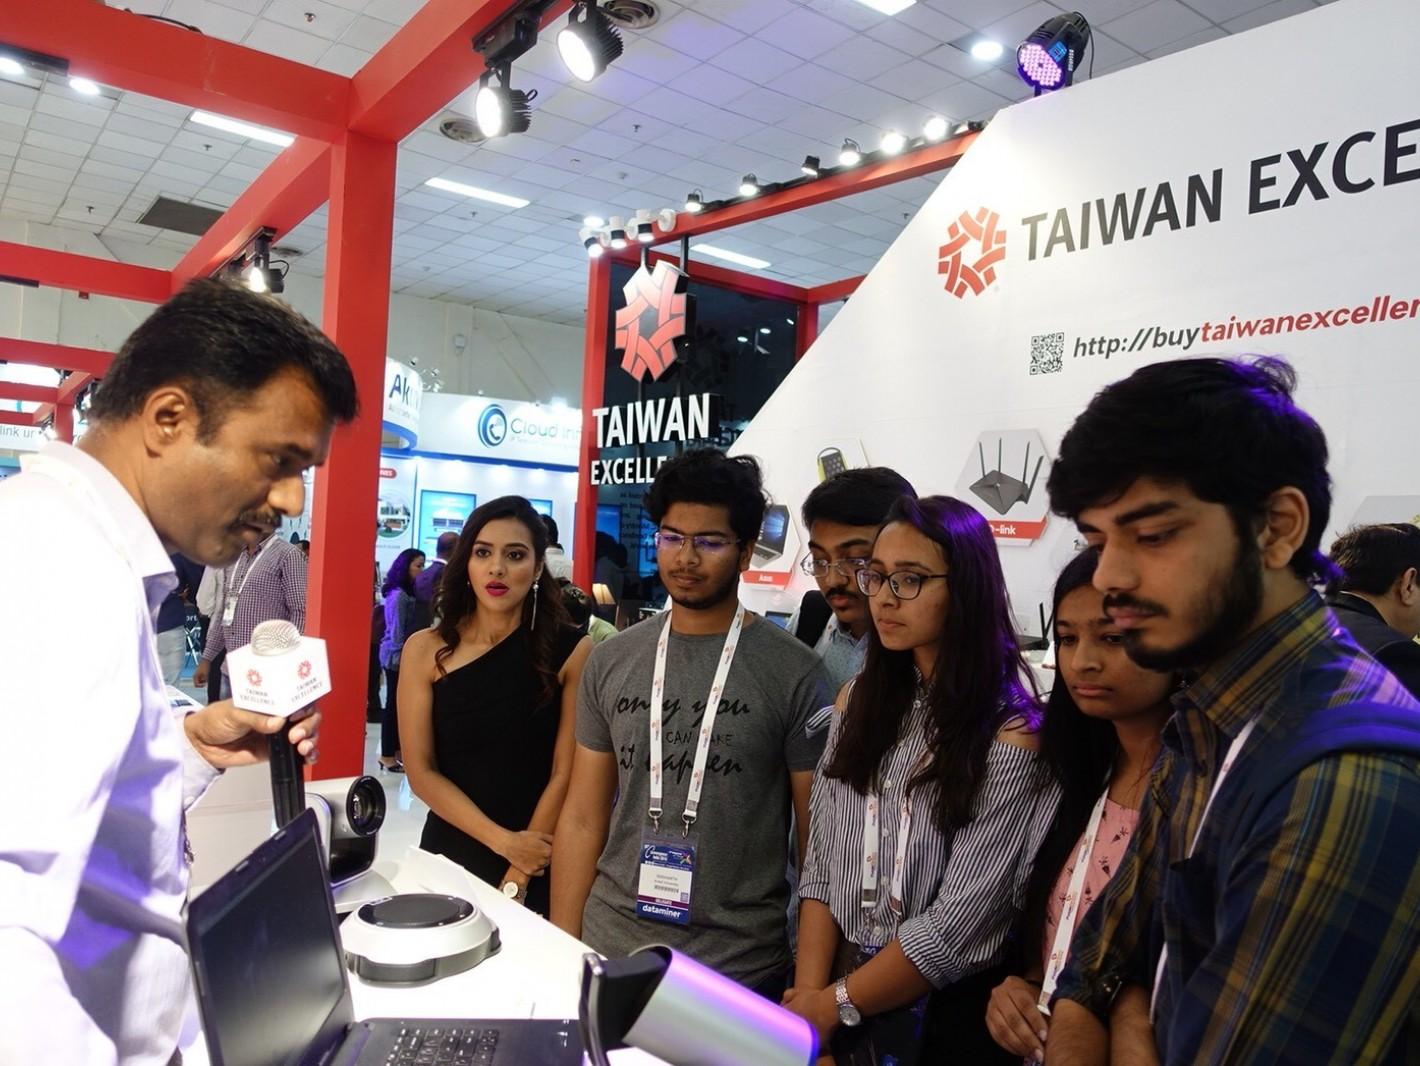 台灣精品廠商圓展科技展出專業視訊攝影,吸引參觀者洽詢。